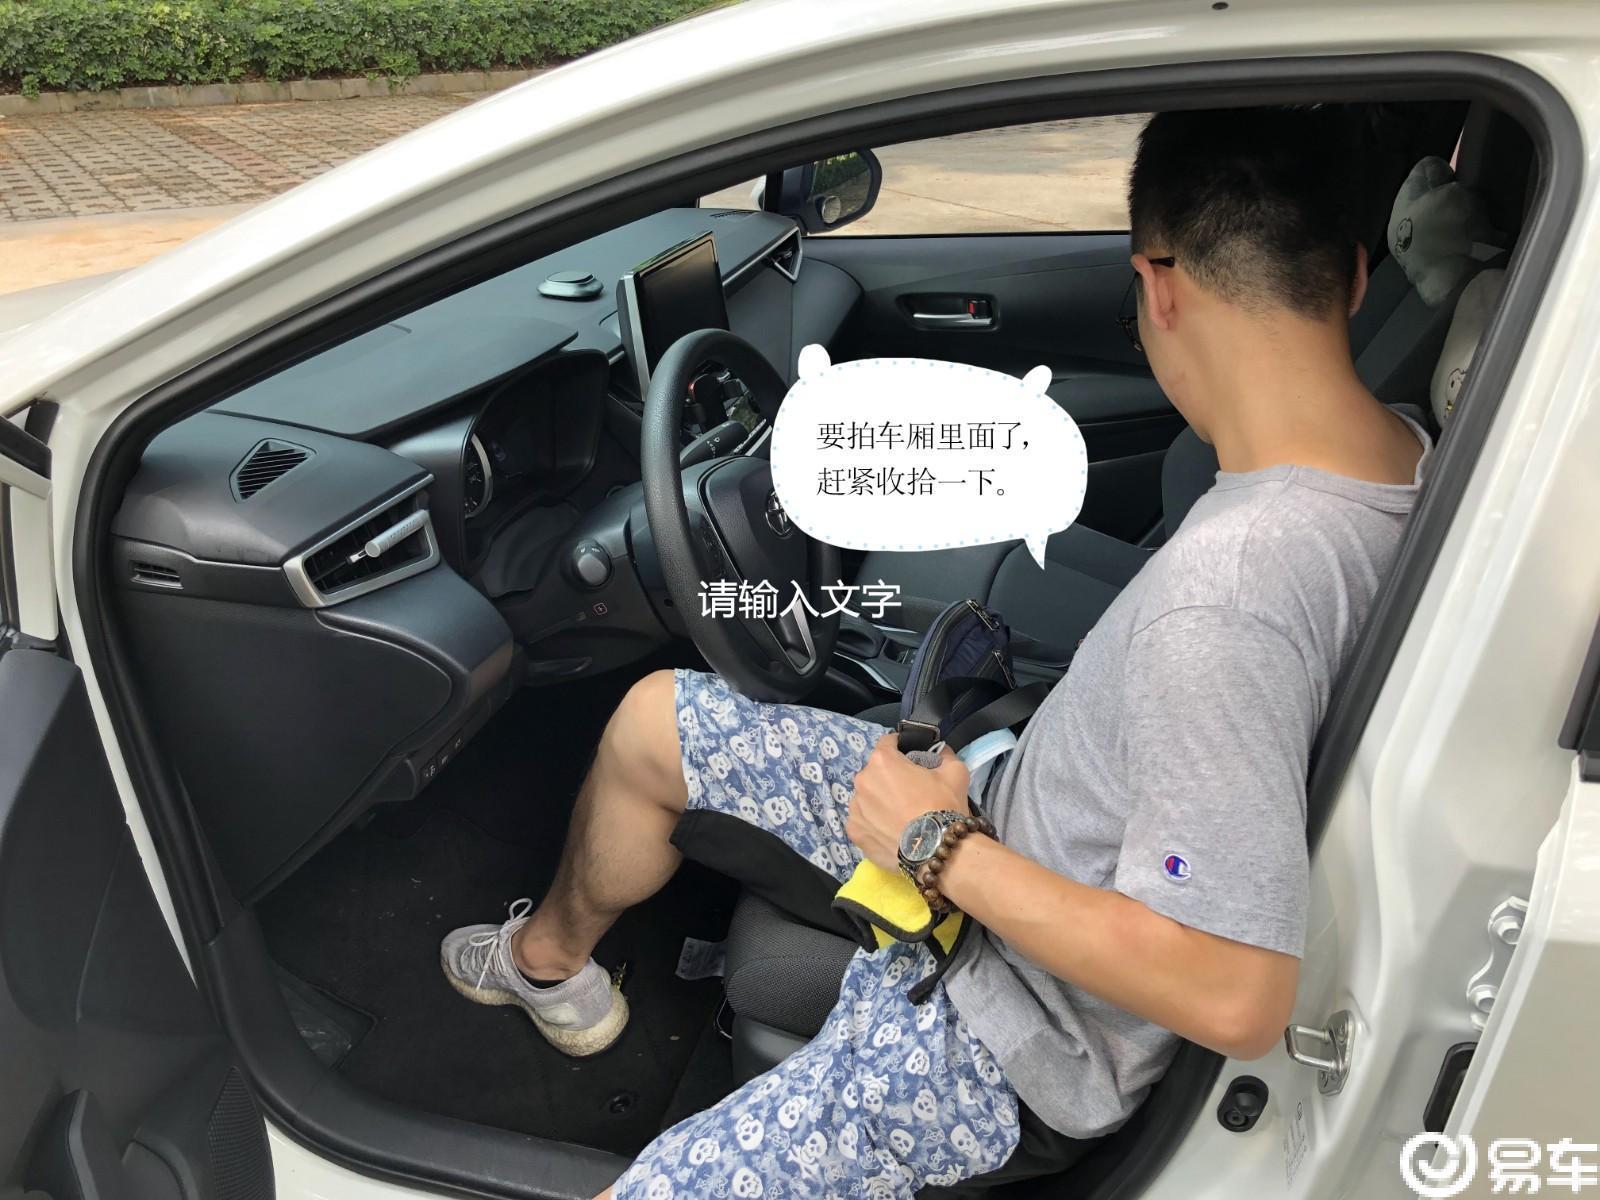 #潮生活#买车一定要够帅气,小鲜肉国庆喜提雷凌